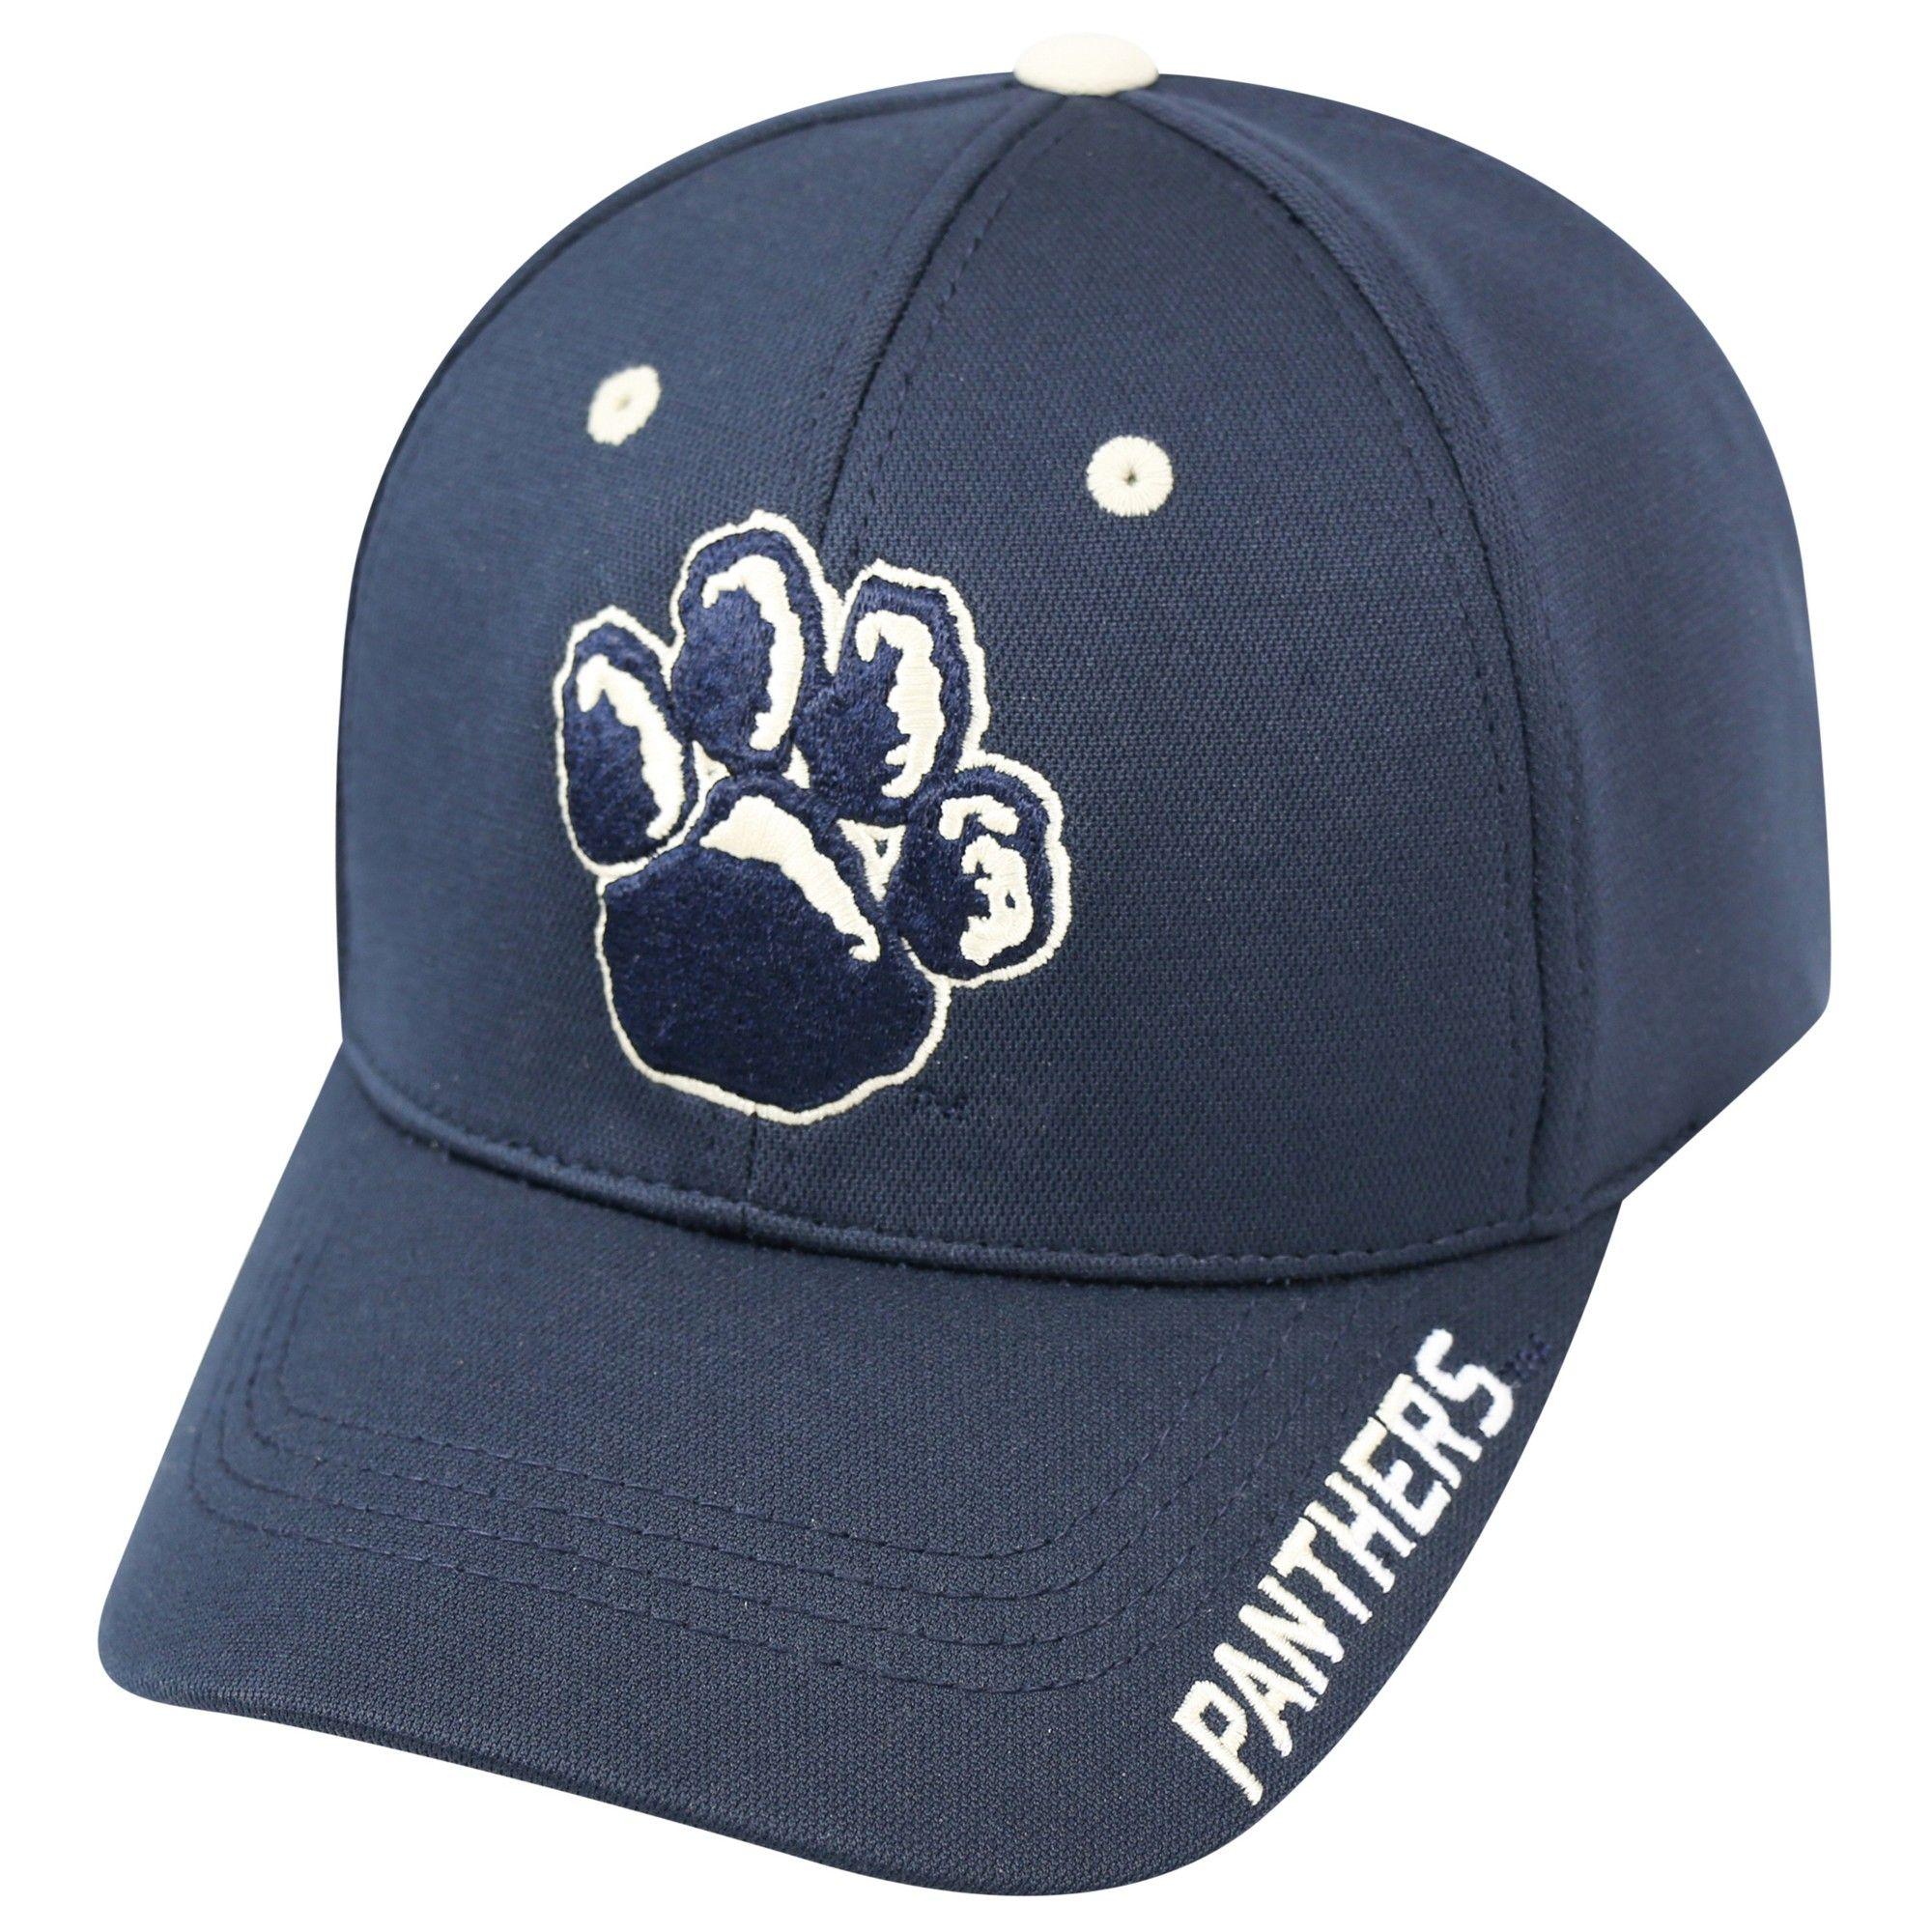 NCAA Baseball Hats Pitt Panthers 0ec8d84f3bd